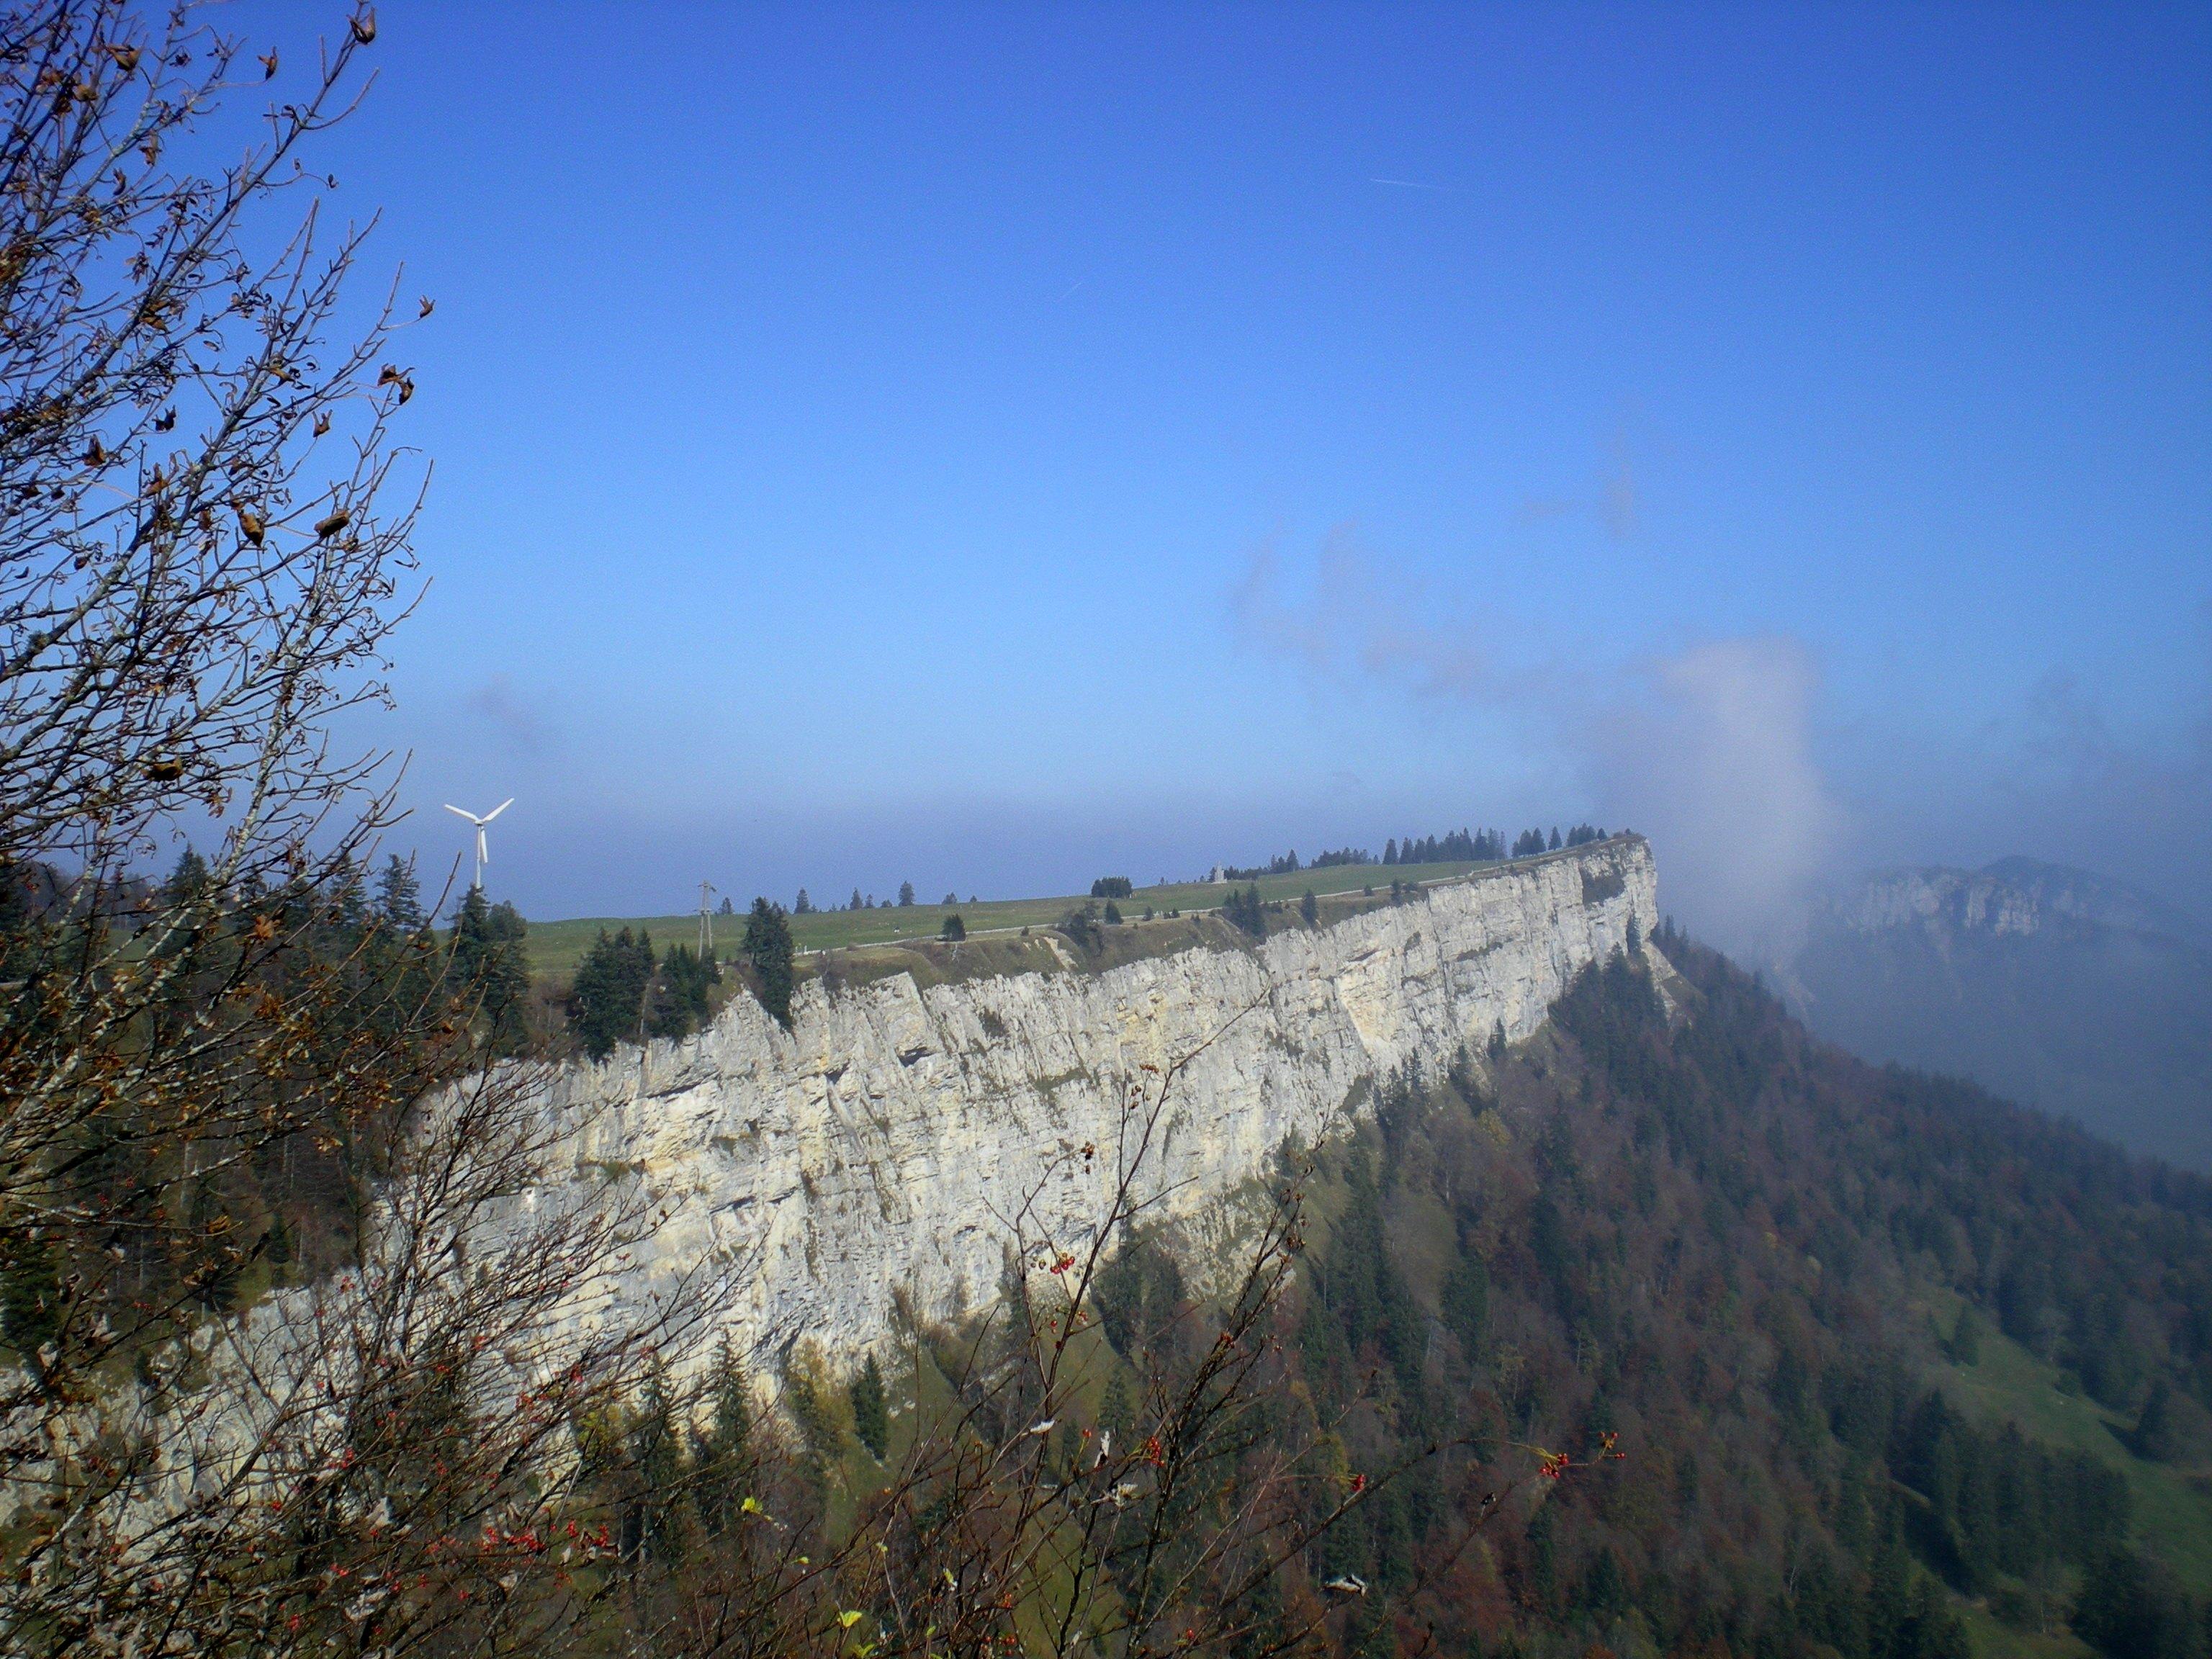 Jurahöhenweg